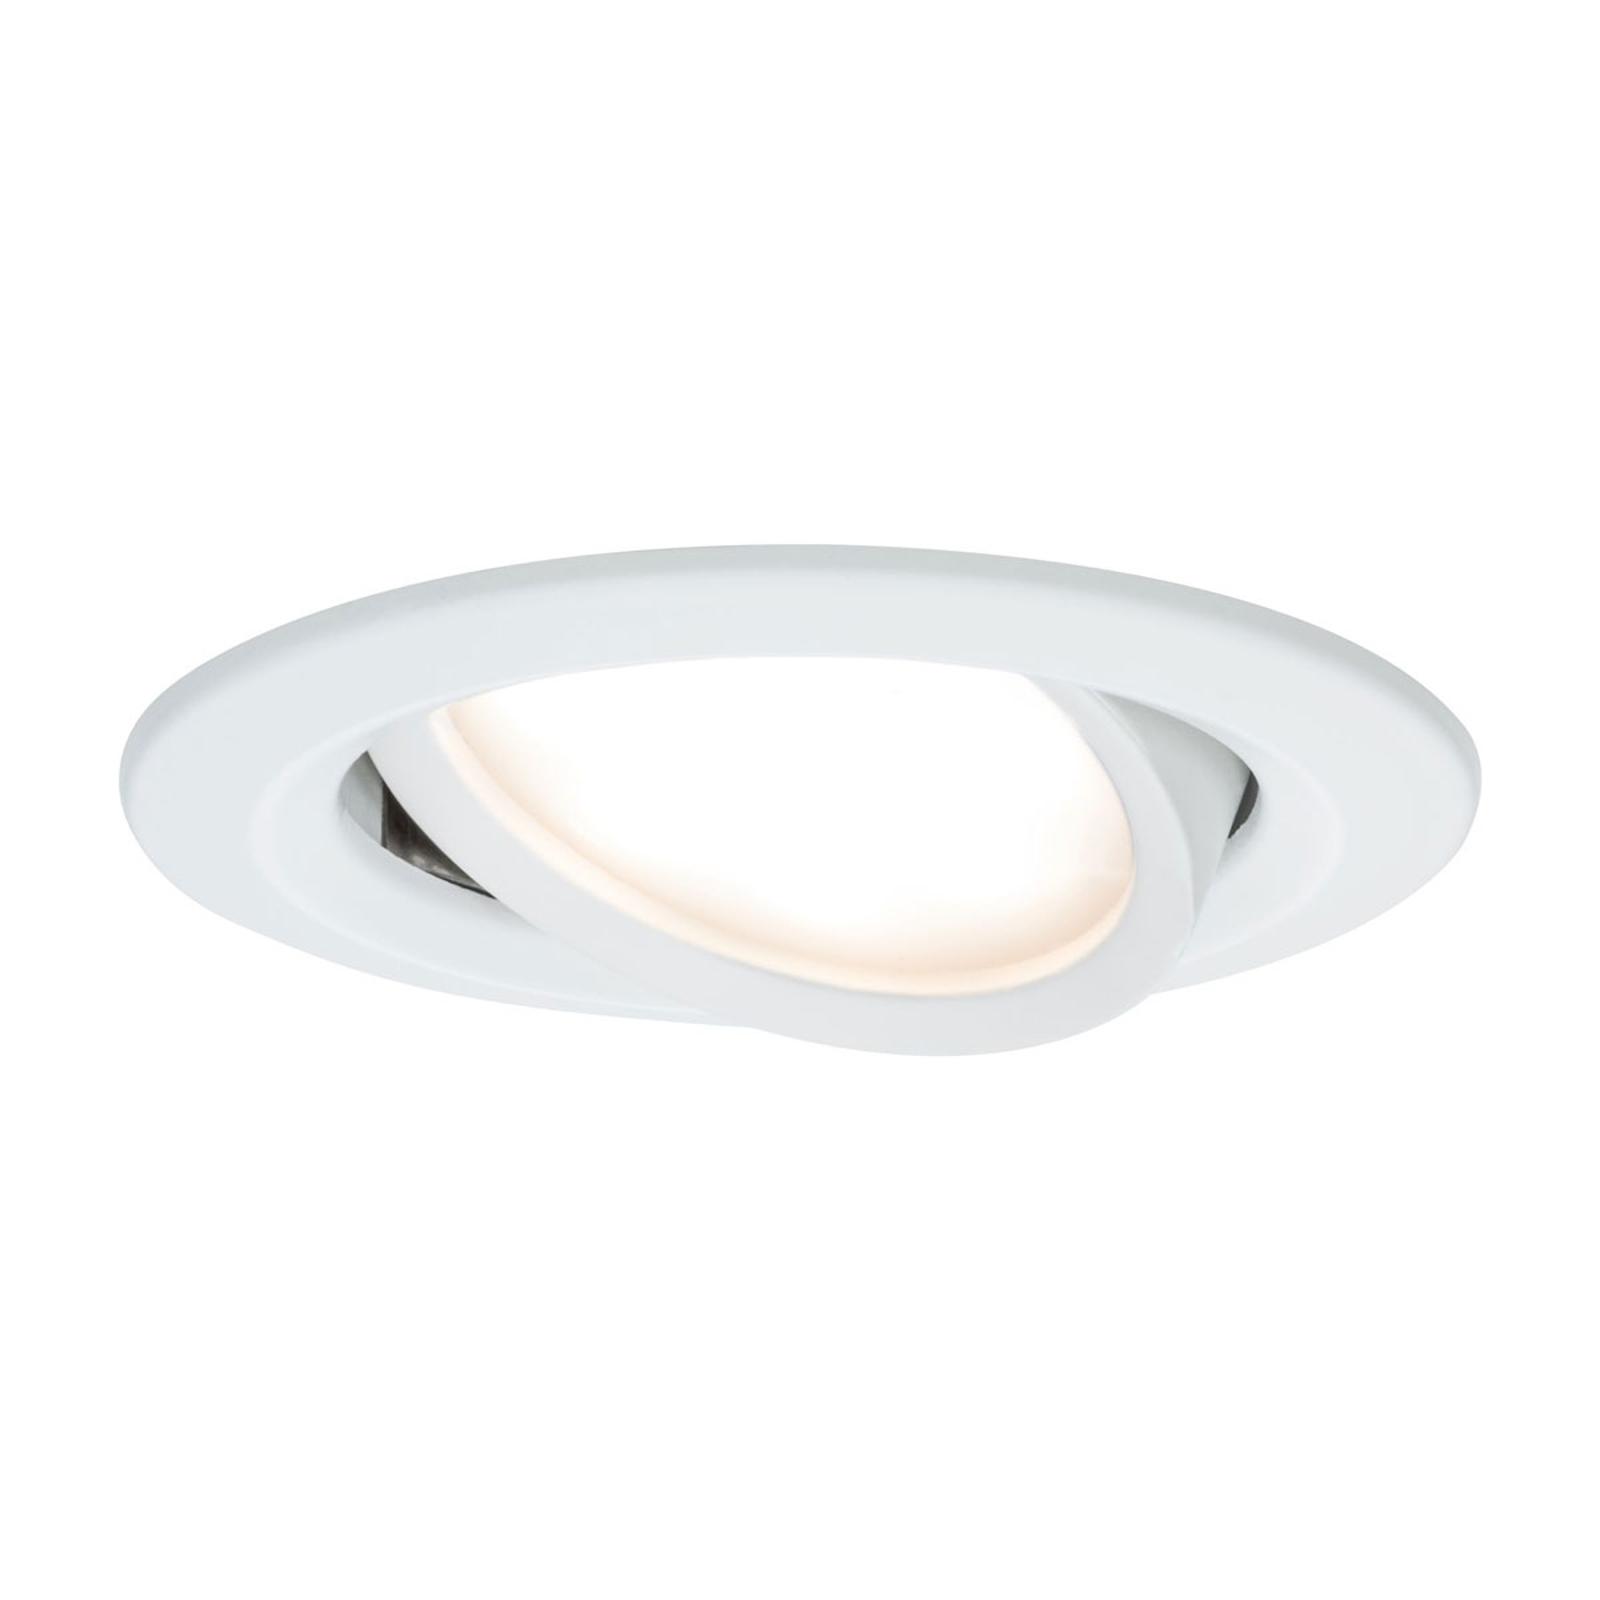 Paulmann 3-delt LED-spot Slim Coin, vippelig, hvid